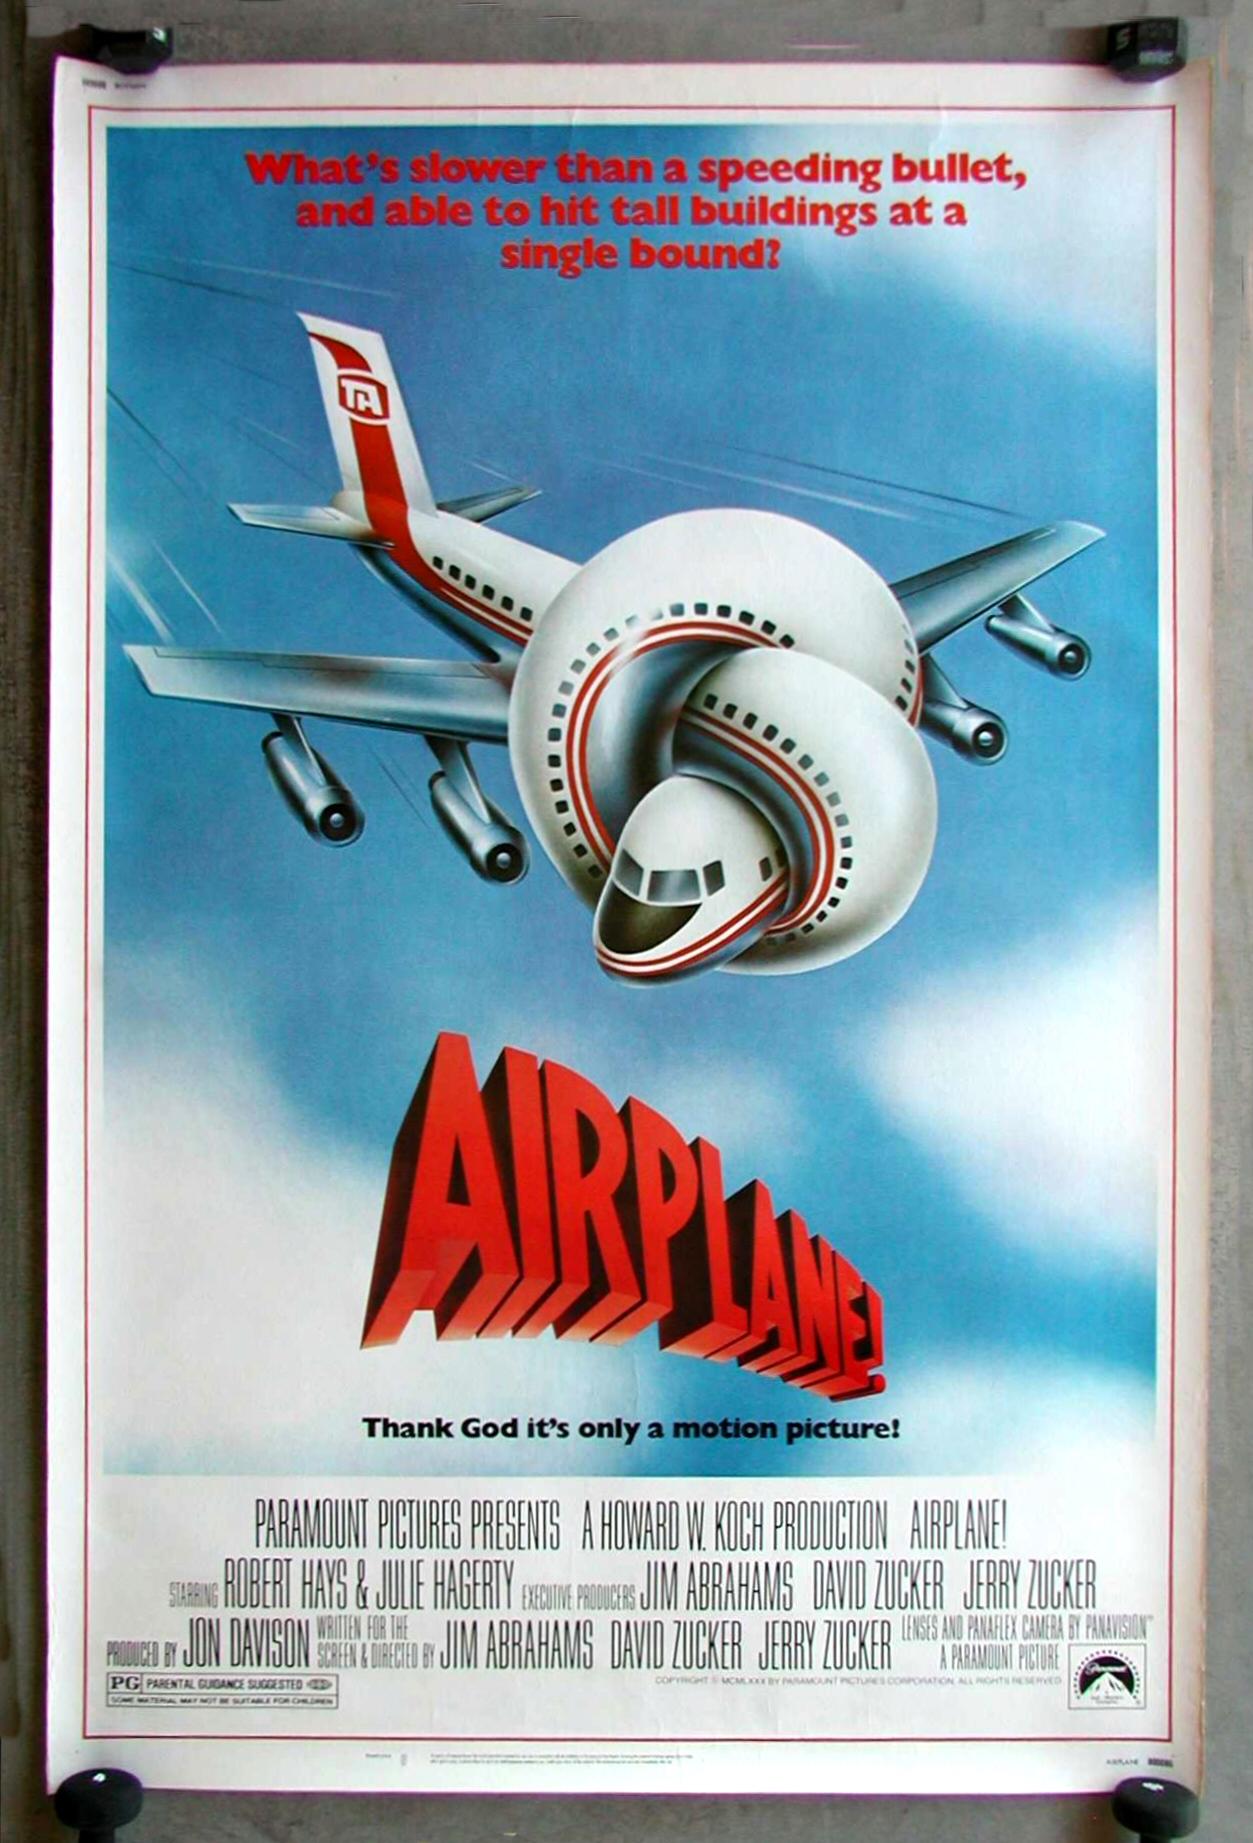 1980s Movies Airplane Movie Pics 1980